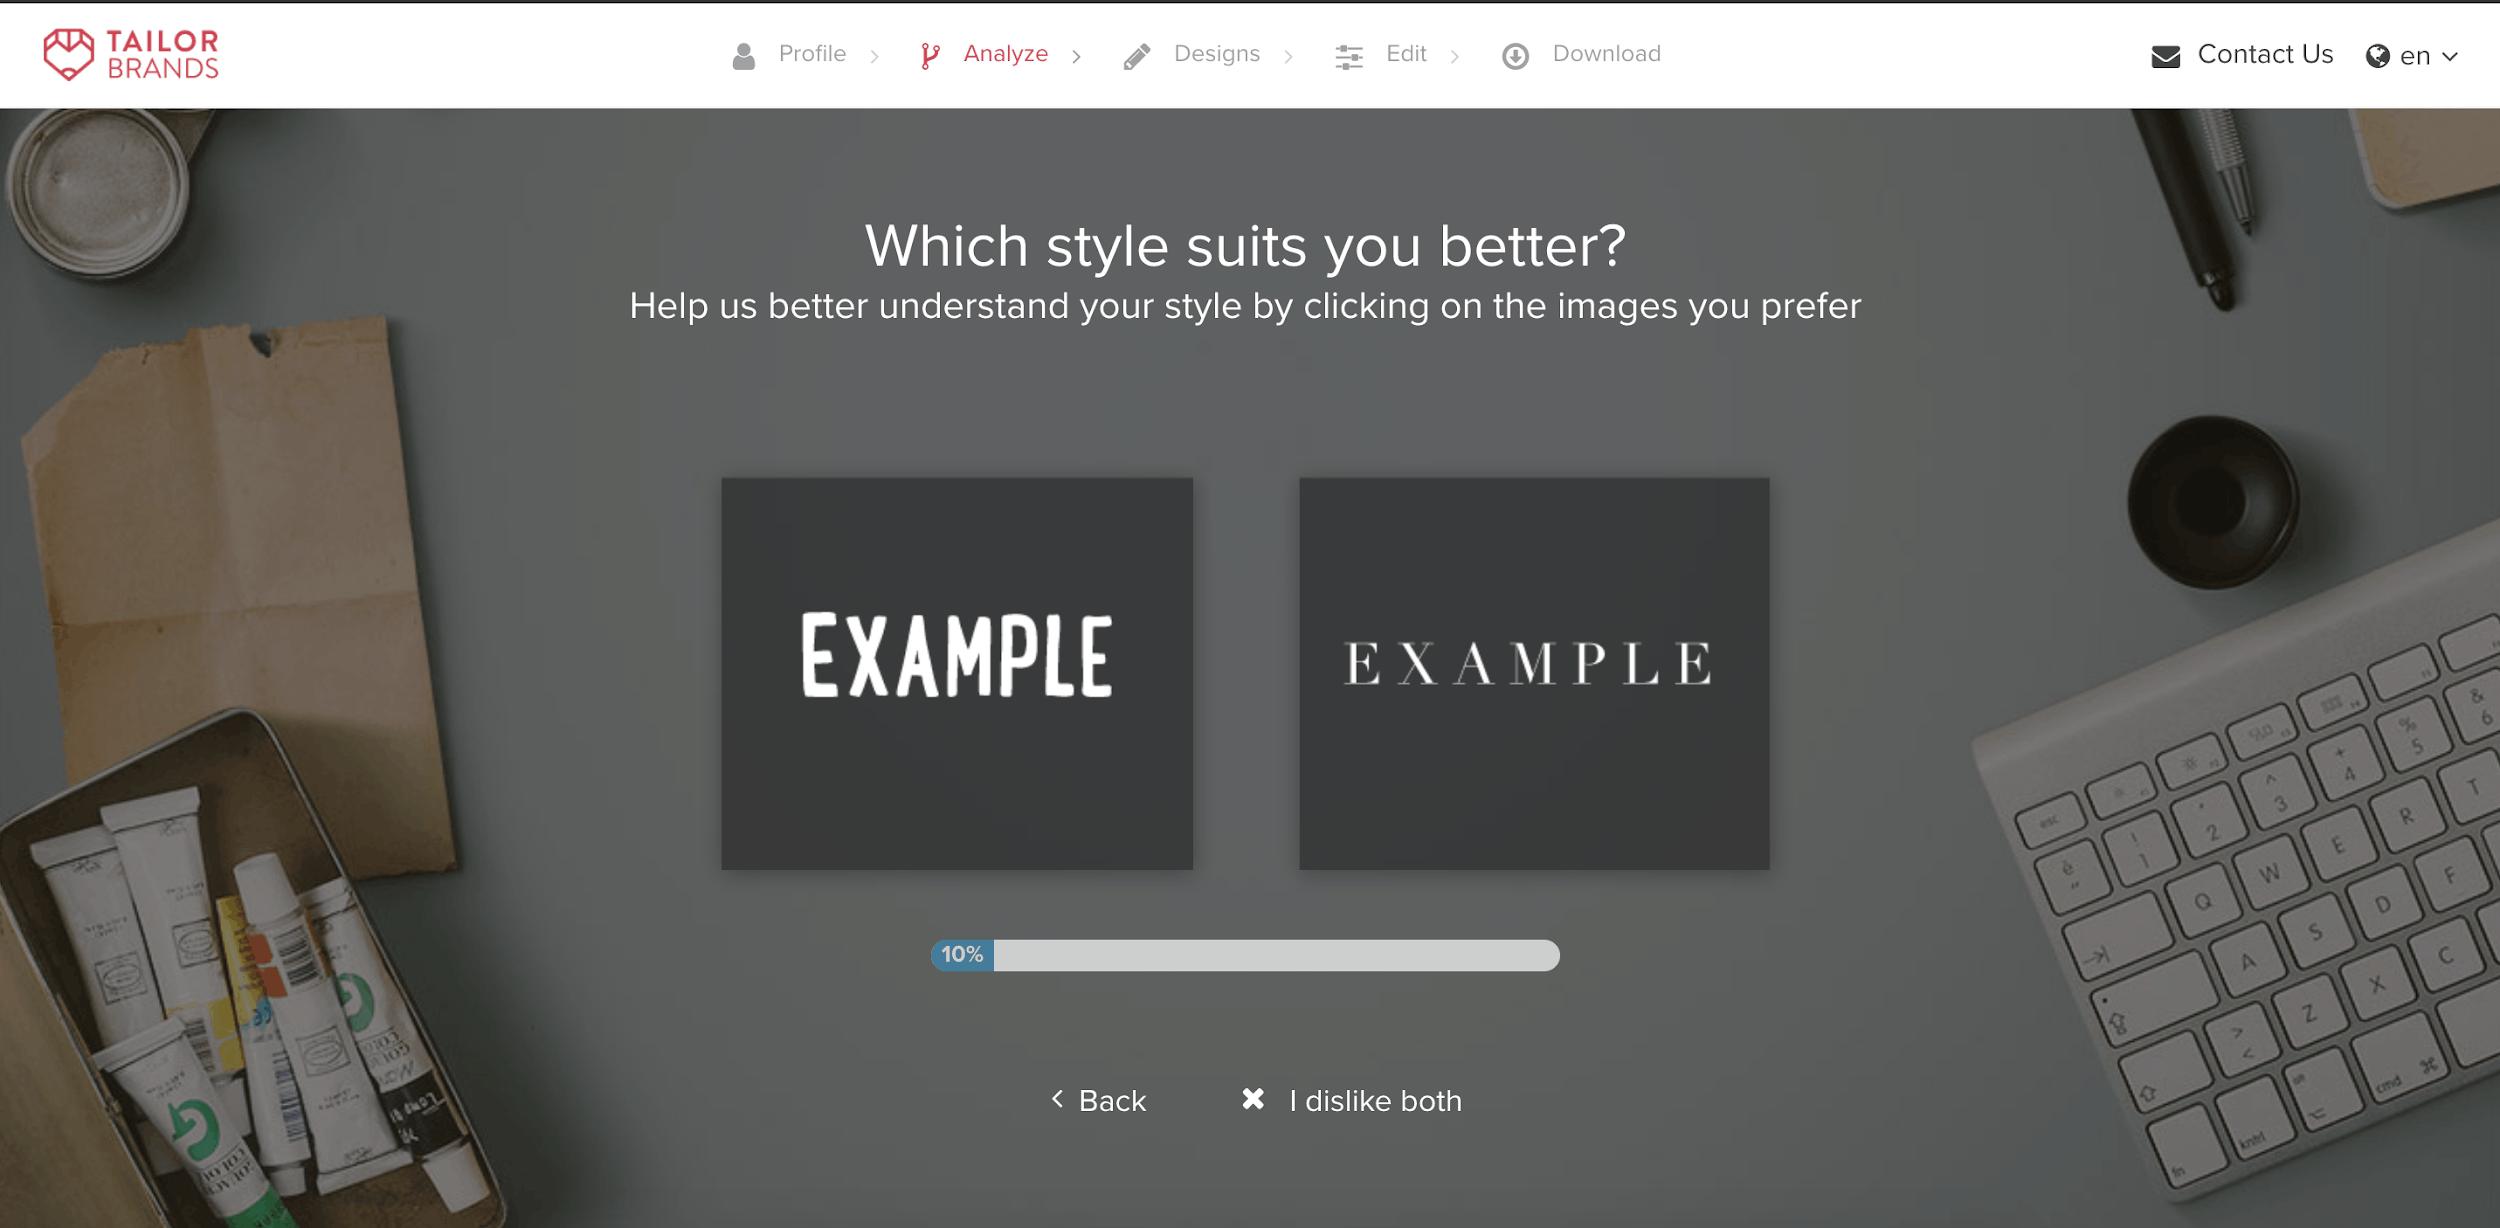 Tailor Brands screenshot - Font Styles